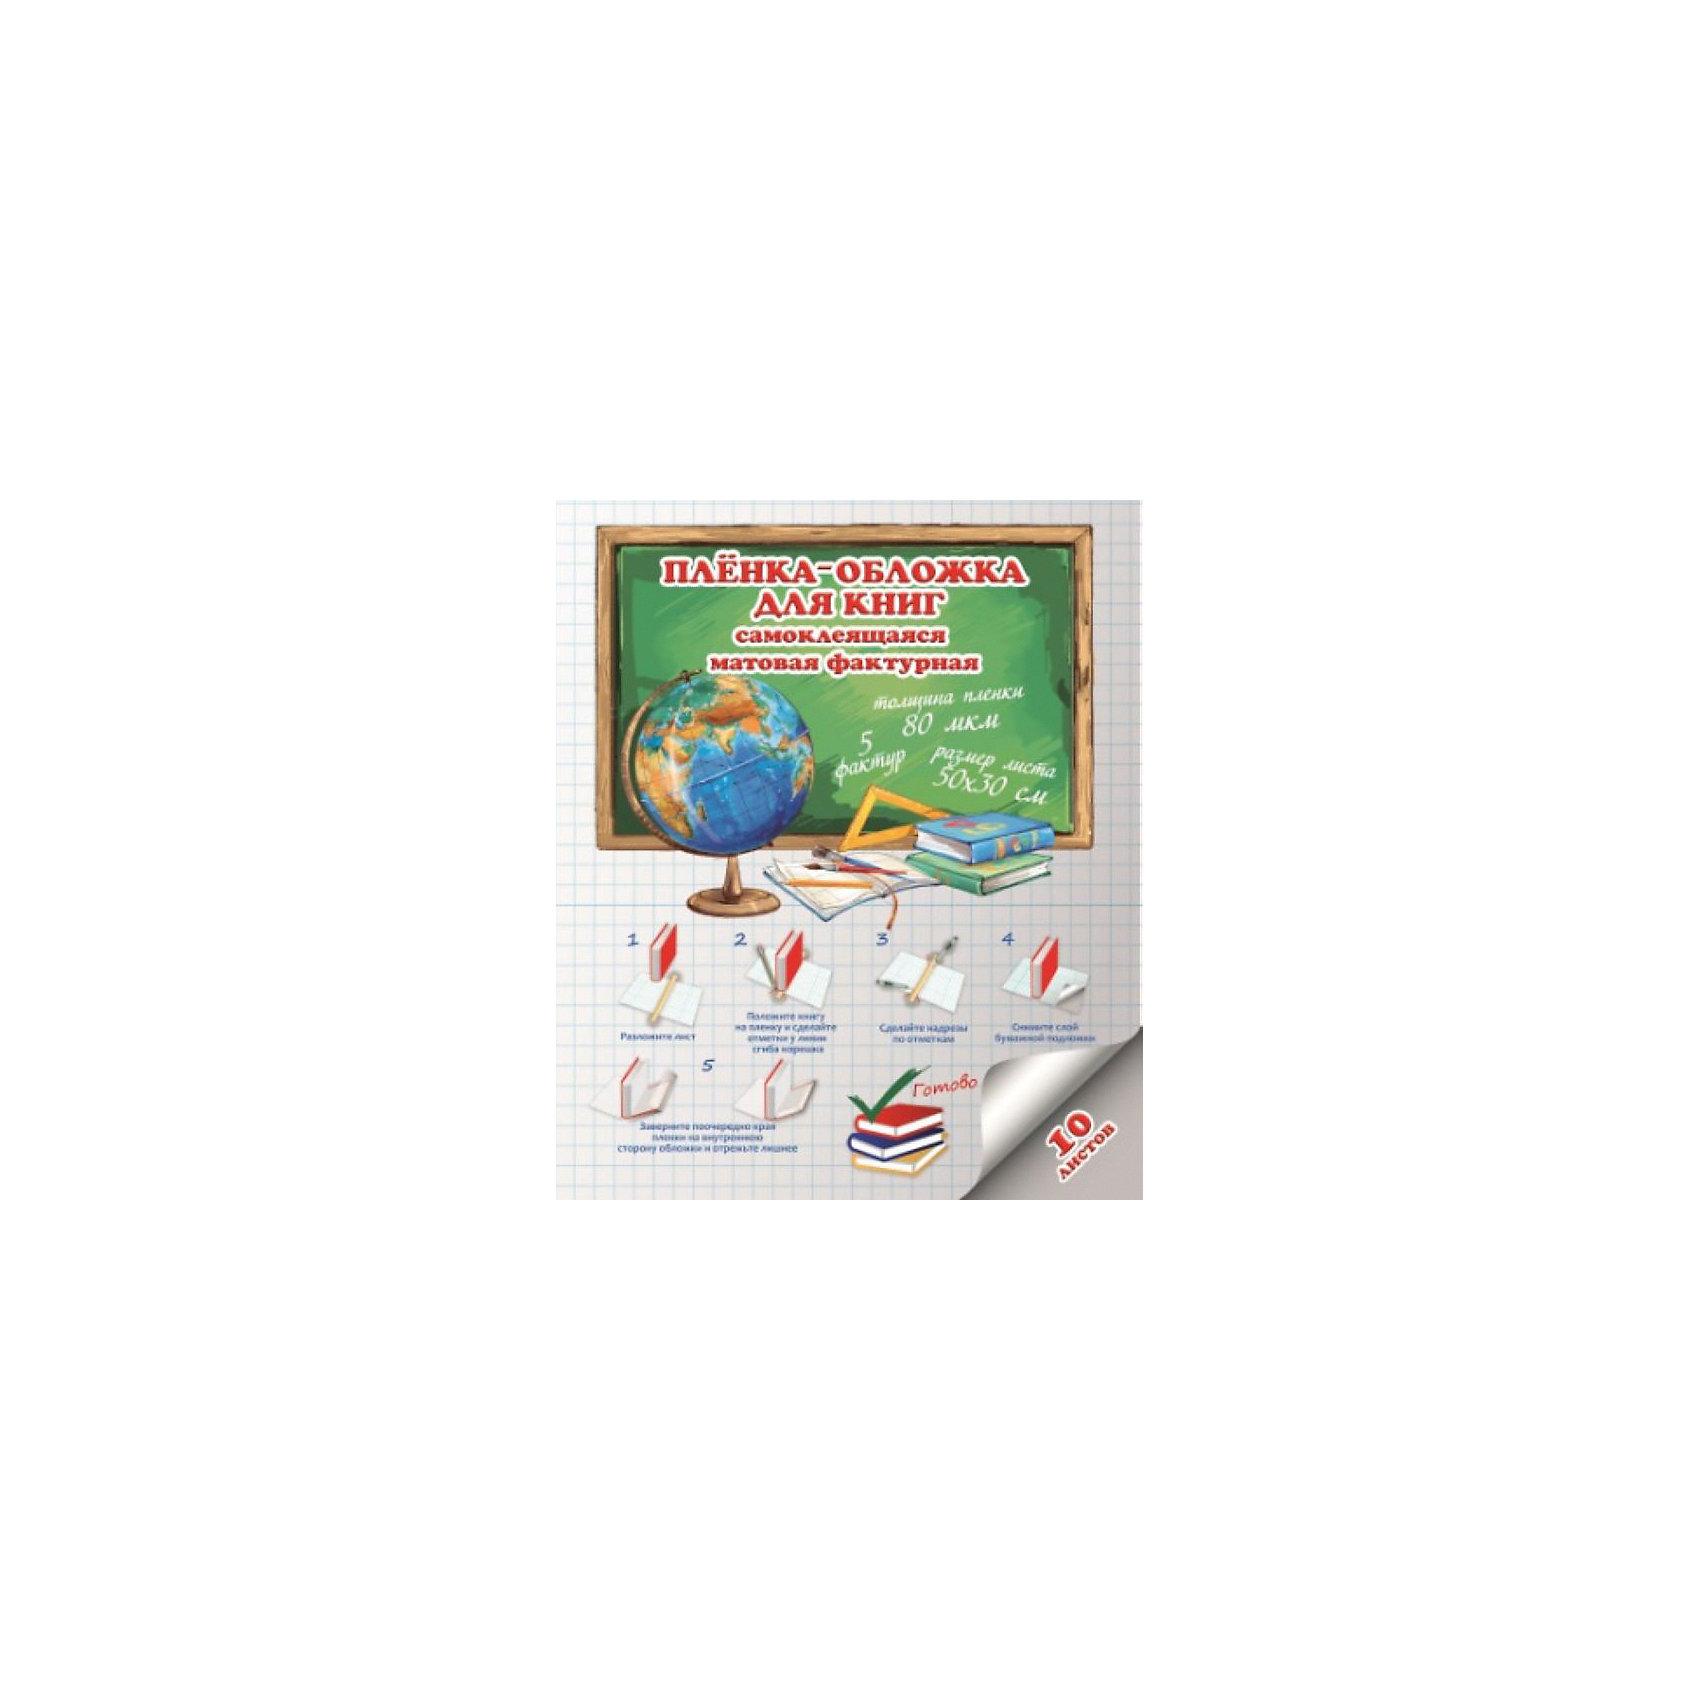 Пленка-обложка самоклеящаяся для книг Феникс+, 50*30 см, 10 листов, матоваяШкольные аксессуары<br>Пленка-обложка самоклеящаяся  д/книг (фактурная, матовая, ПВХ, 50х30см, в листах (10 шт), толщина пленки - 0,08мм, толщина бум. подложки -0,09мм)<br><br>Ширина мм: 500<br>Глубина мм: 310<br>Высота мм: 3<br>Вес г: 245<br>Возраст от месяцев: 72<br>Возраст до месяцев: 2147483647<br>Пол: Унисекс<br>Возраст: Детский<br>SKU: 7046383